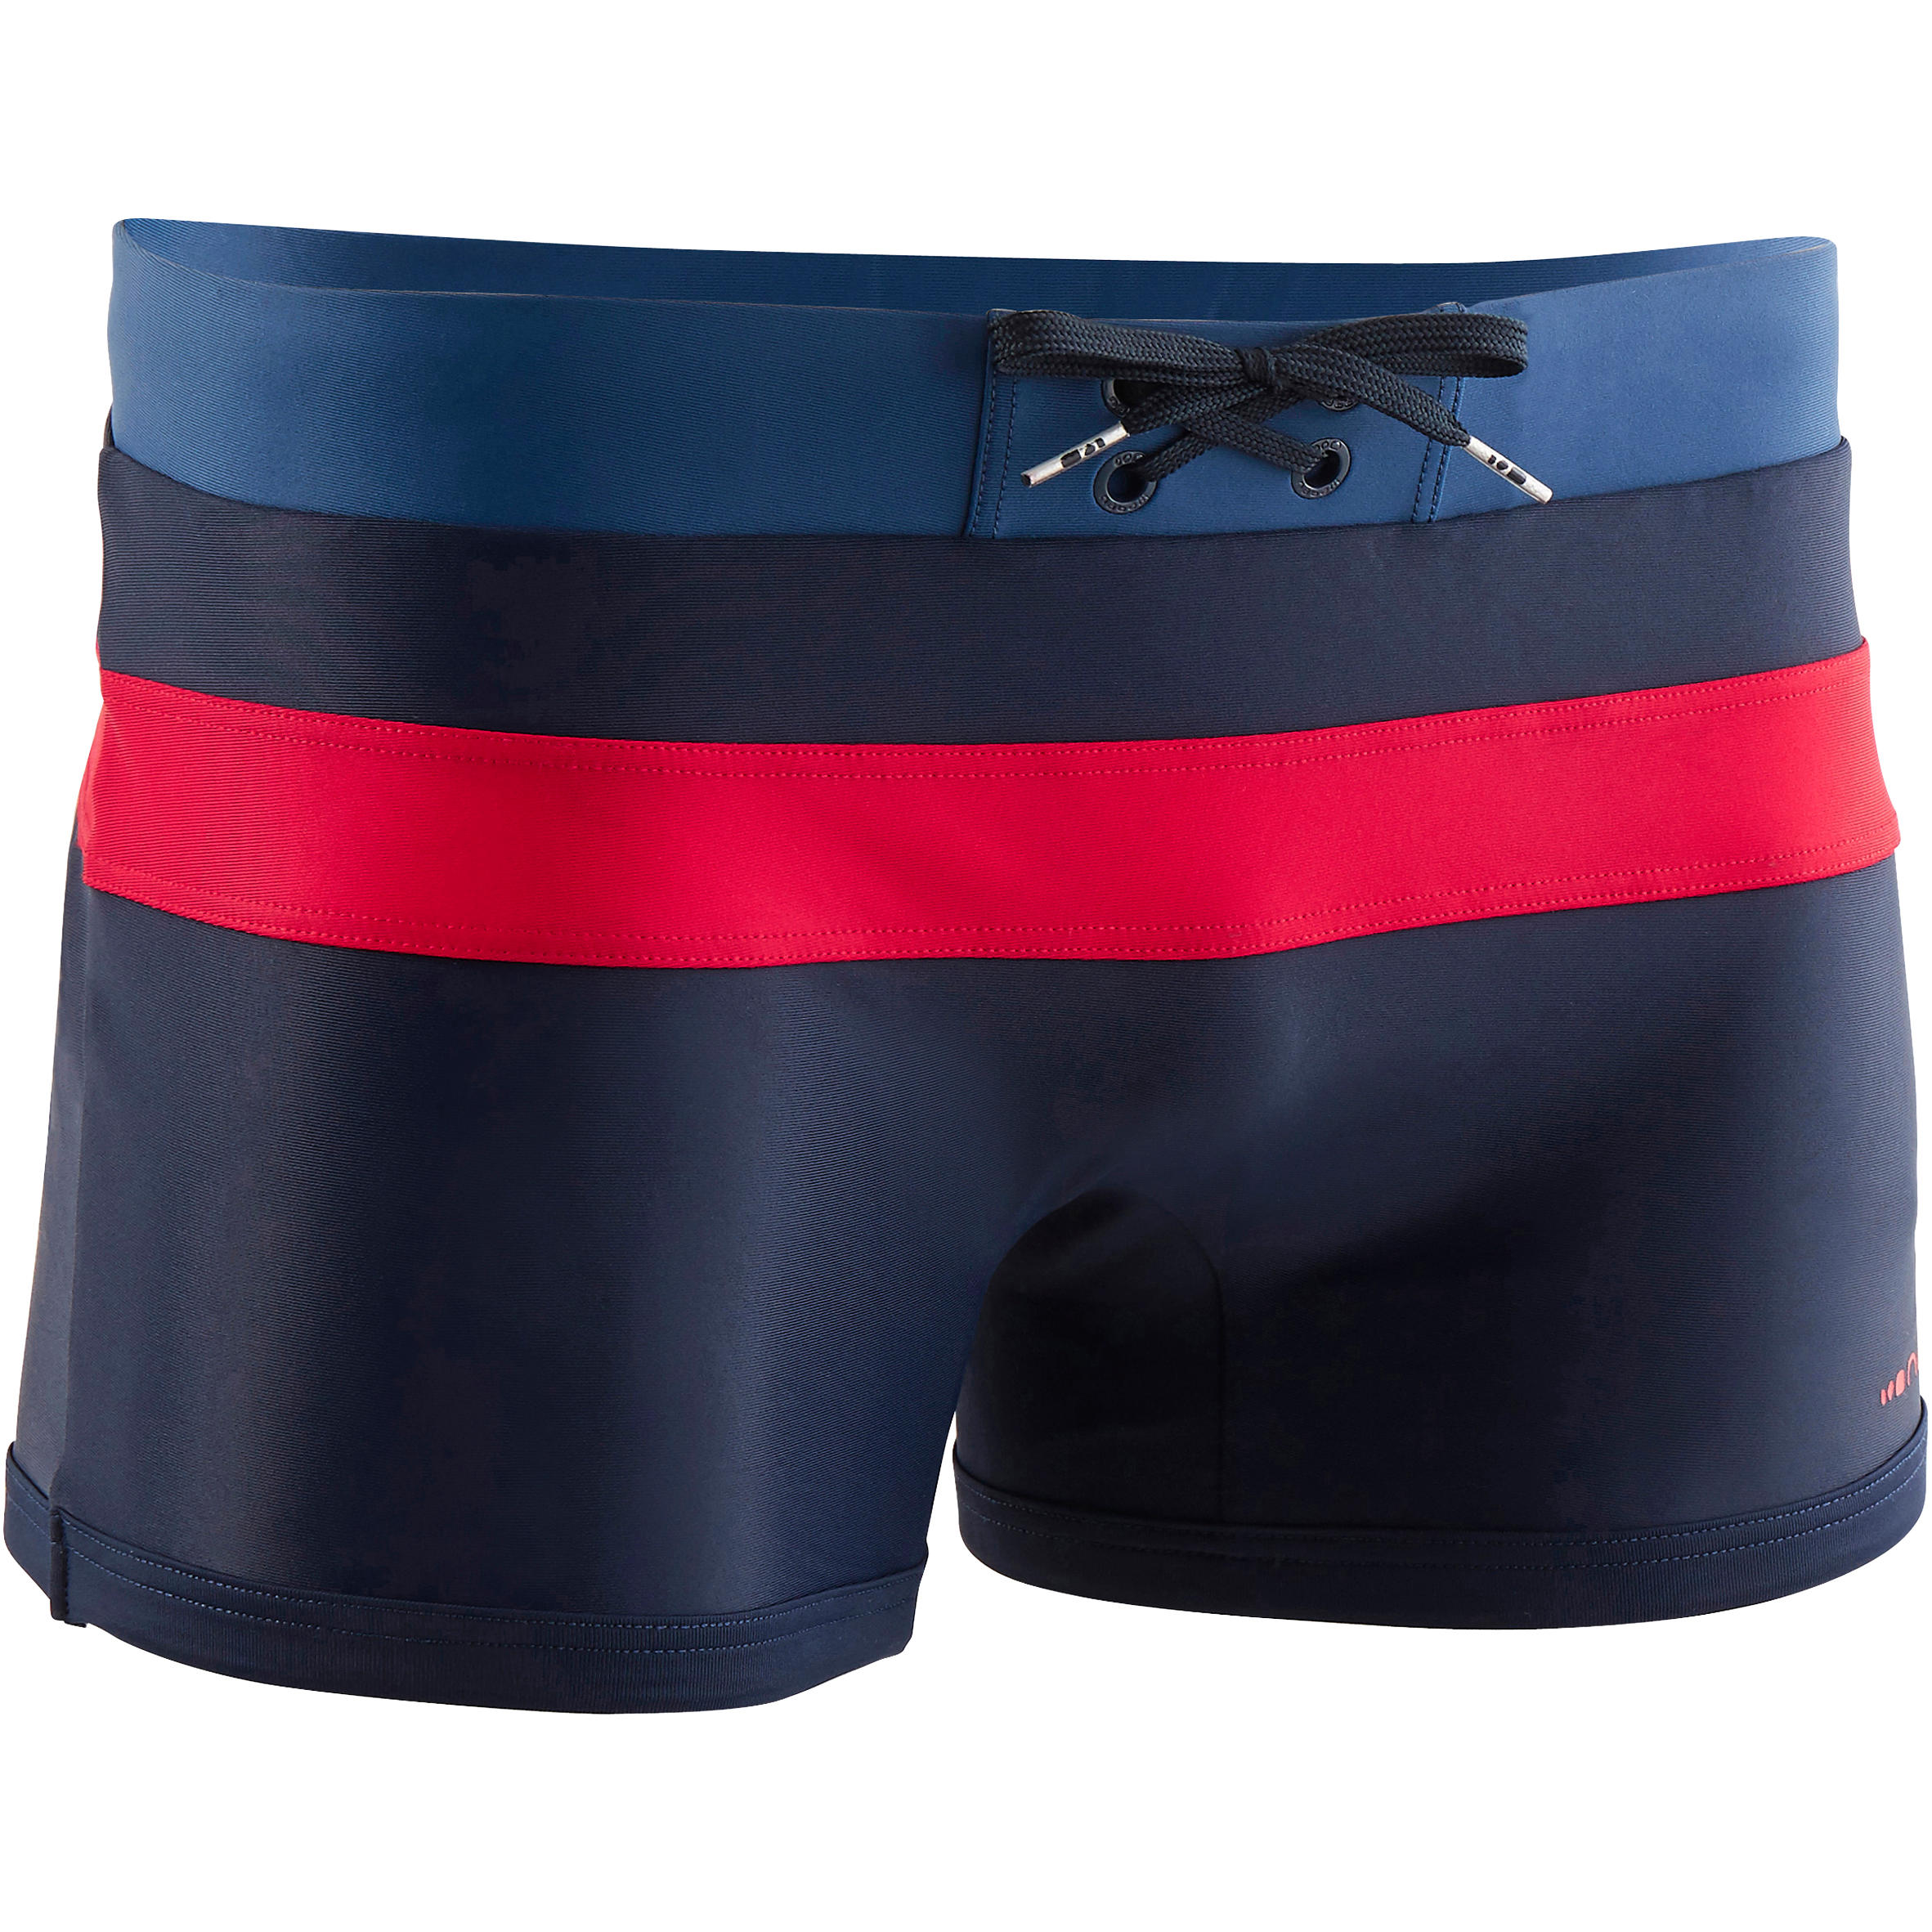 550 POOL M MEN'S BOXER SWIM SHORTS - NAVY/RED